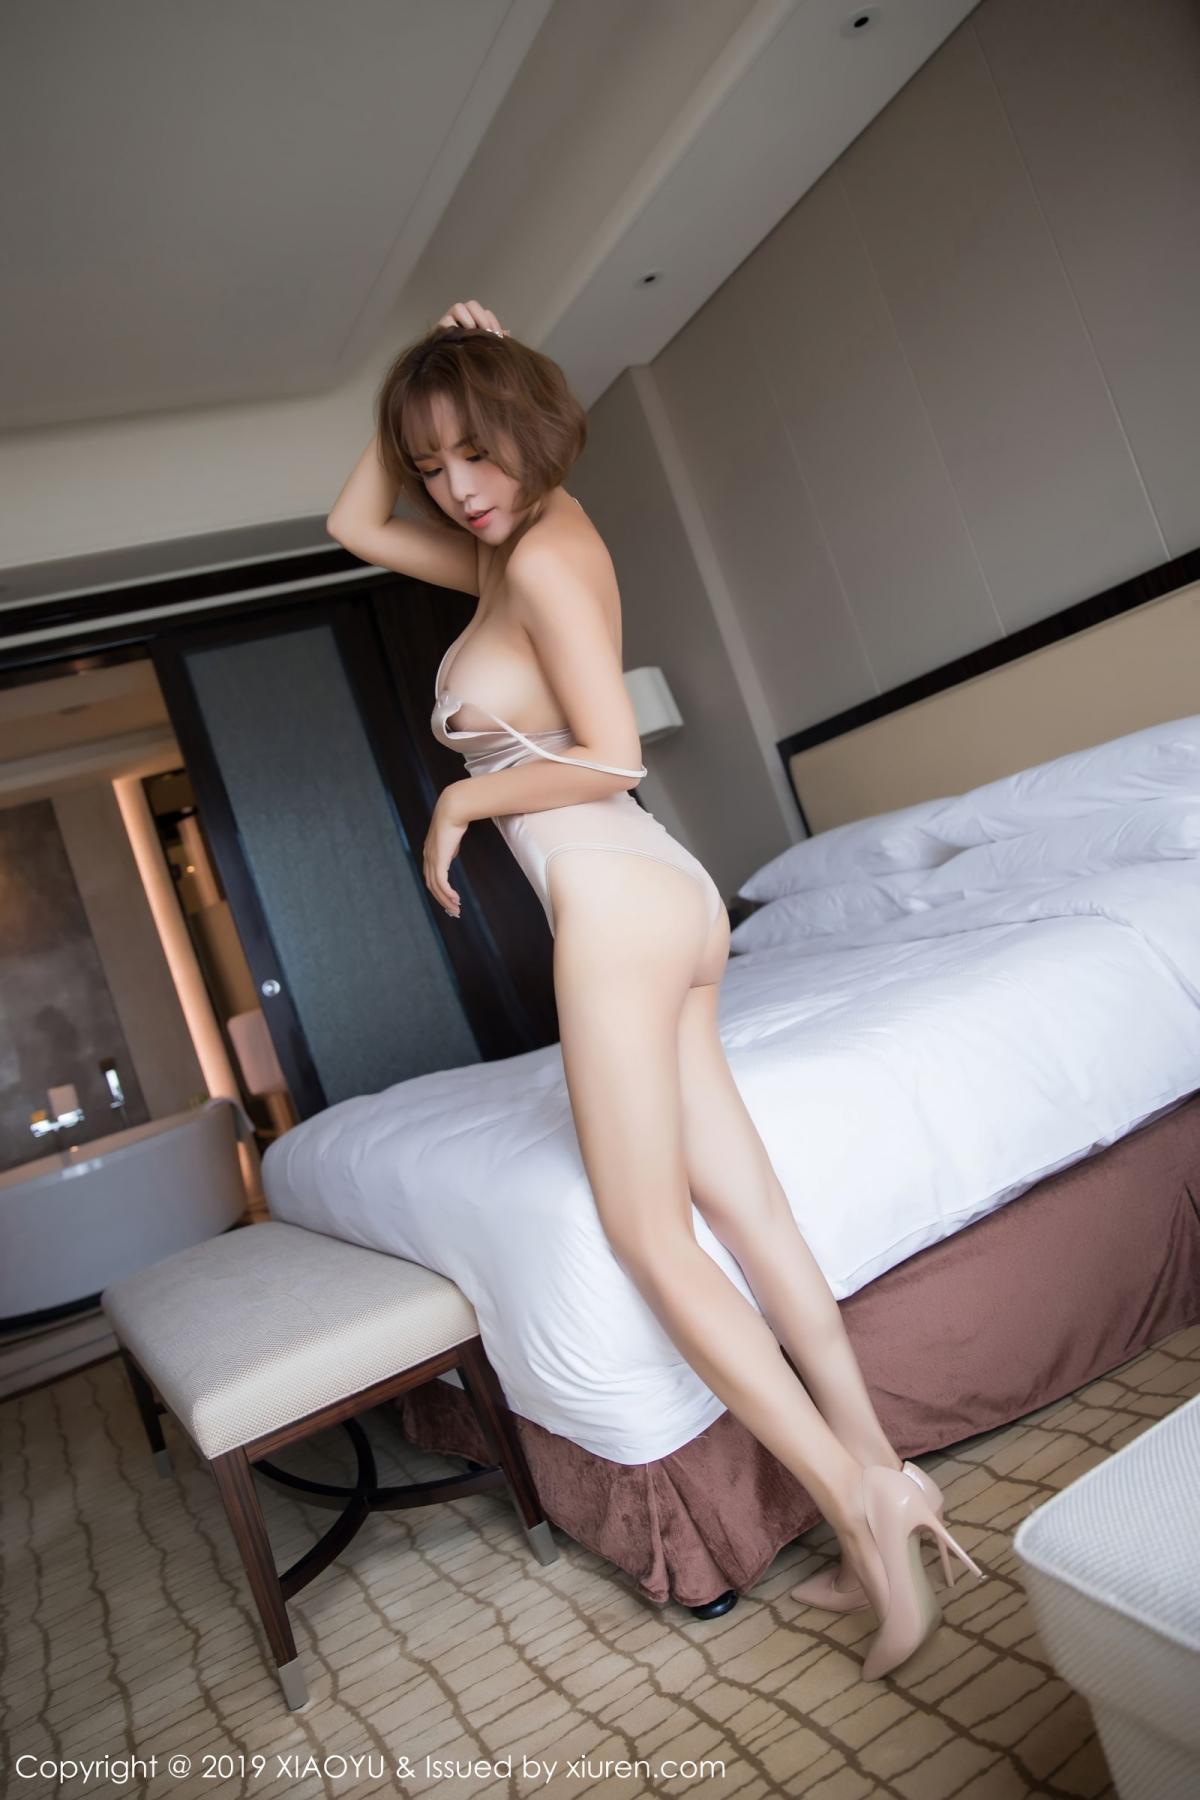 [XiaoYu] Vol.015 Chen Ya Wen 16P, Chen Ya Wen, Sexy, XiaoYu